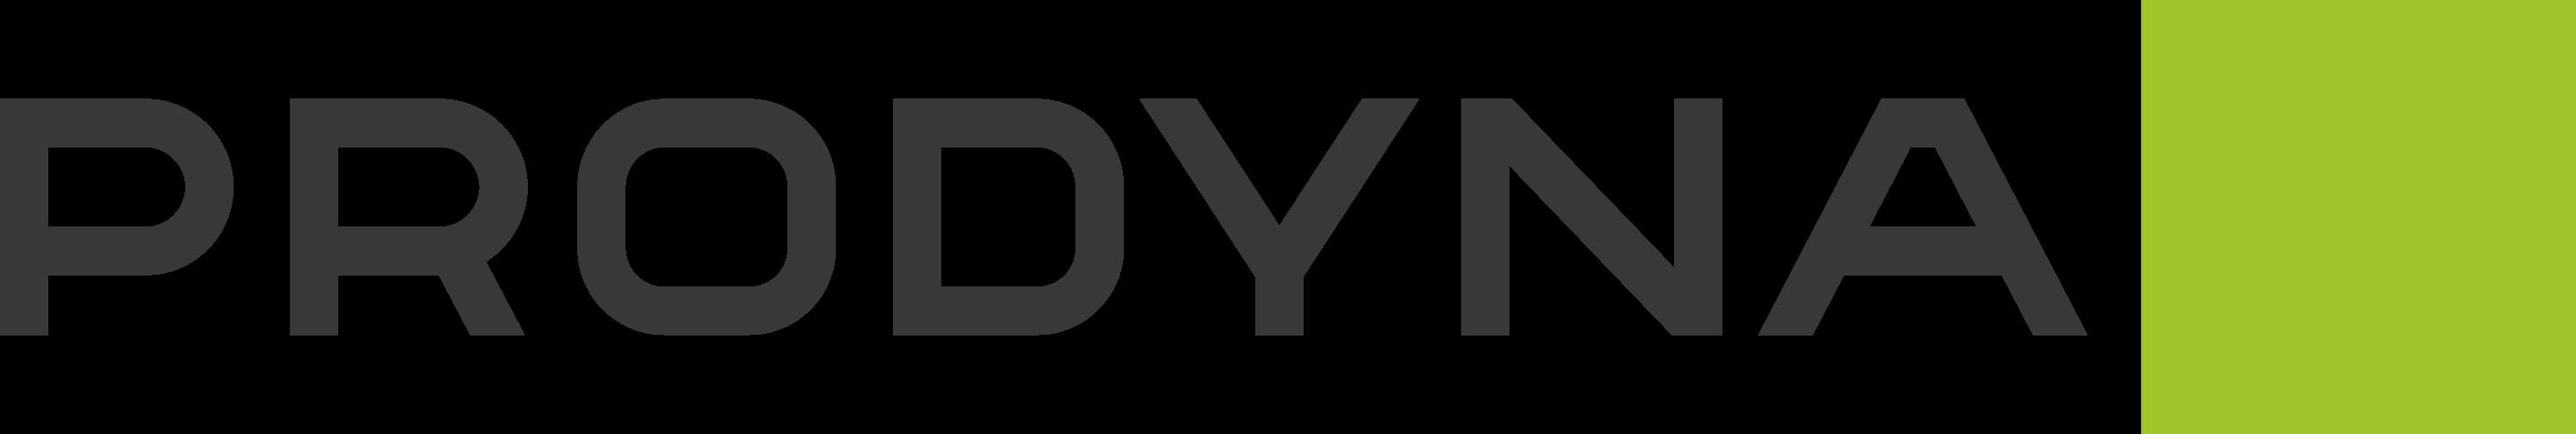 PRODYNA_Logo_anthracit_gruen_rgb-3